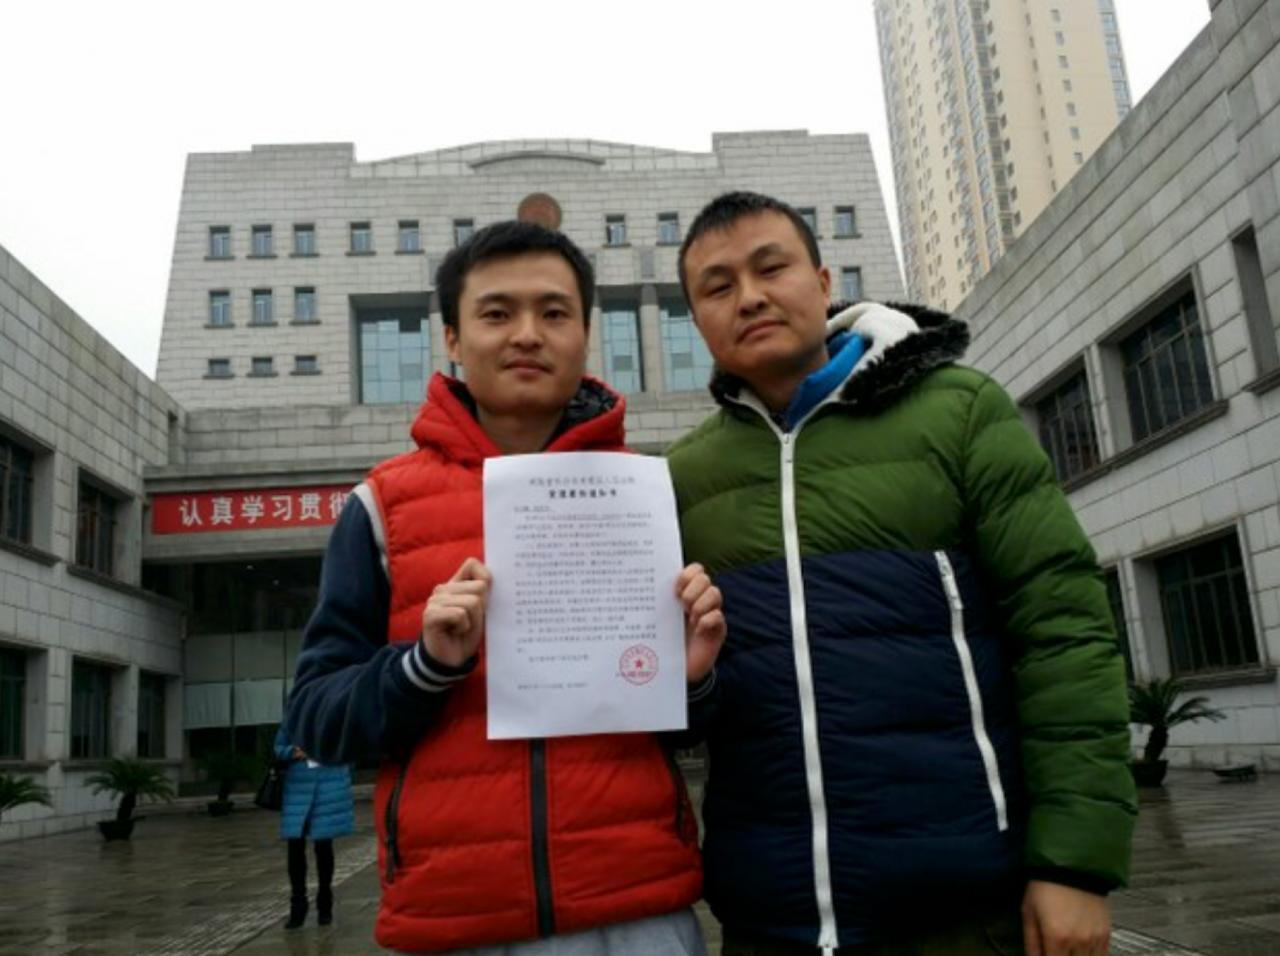 同性恋婚姻合法化在中国未来会实现吗?